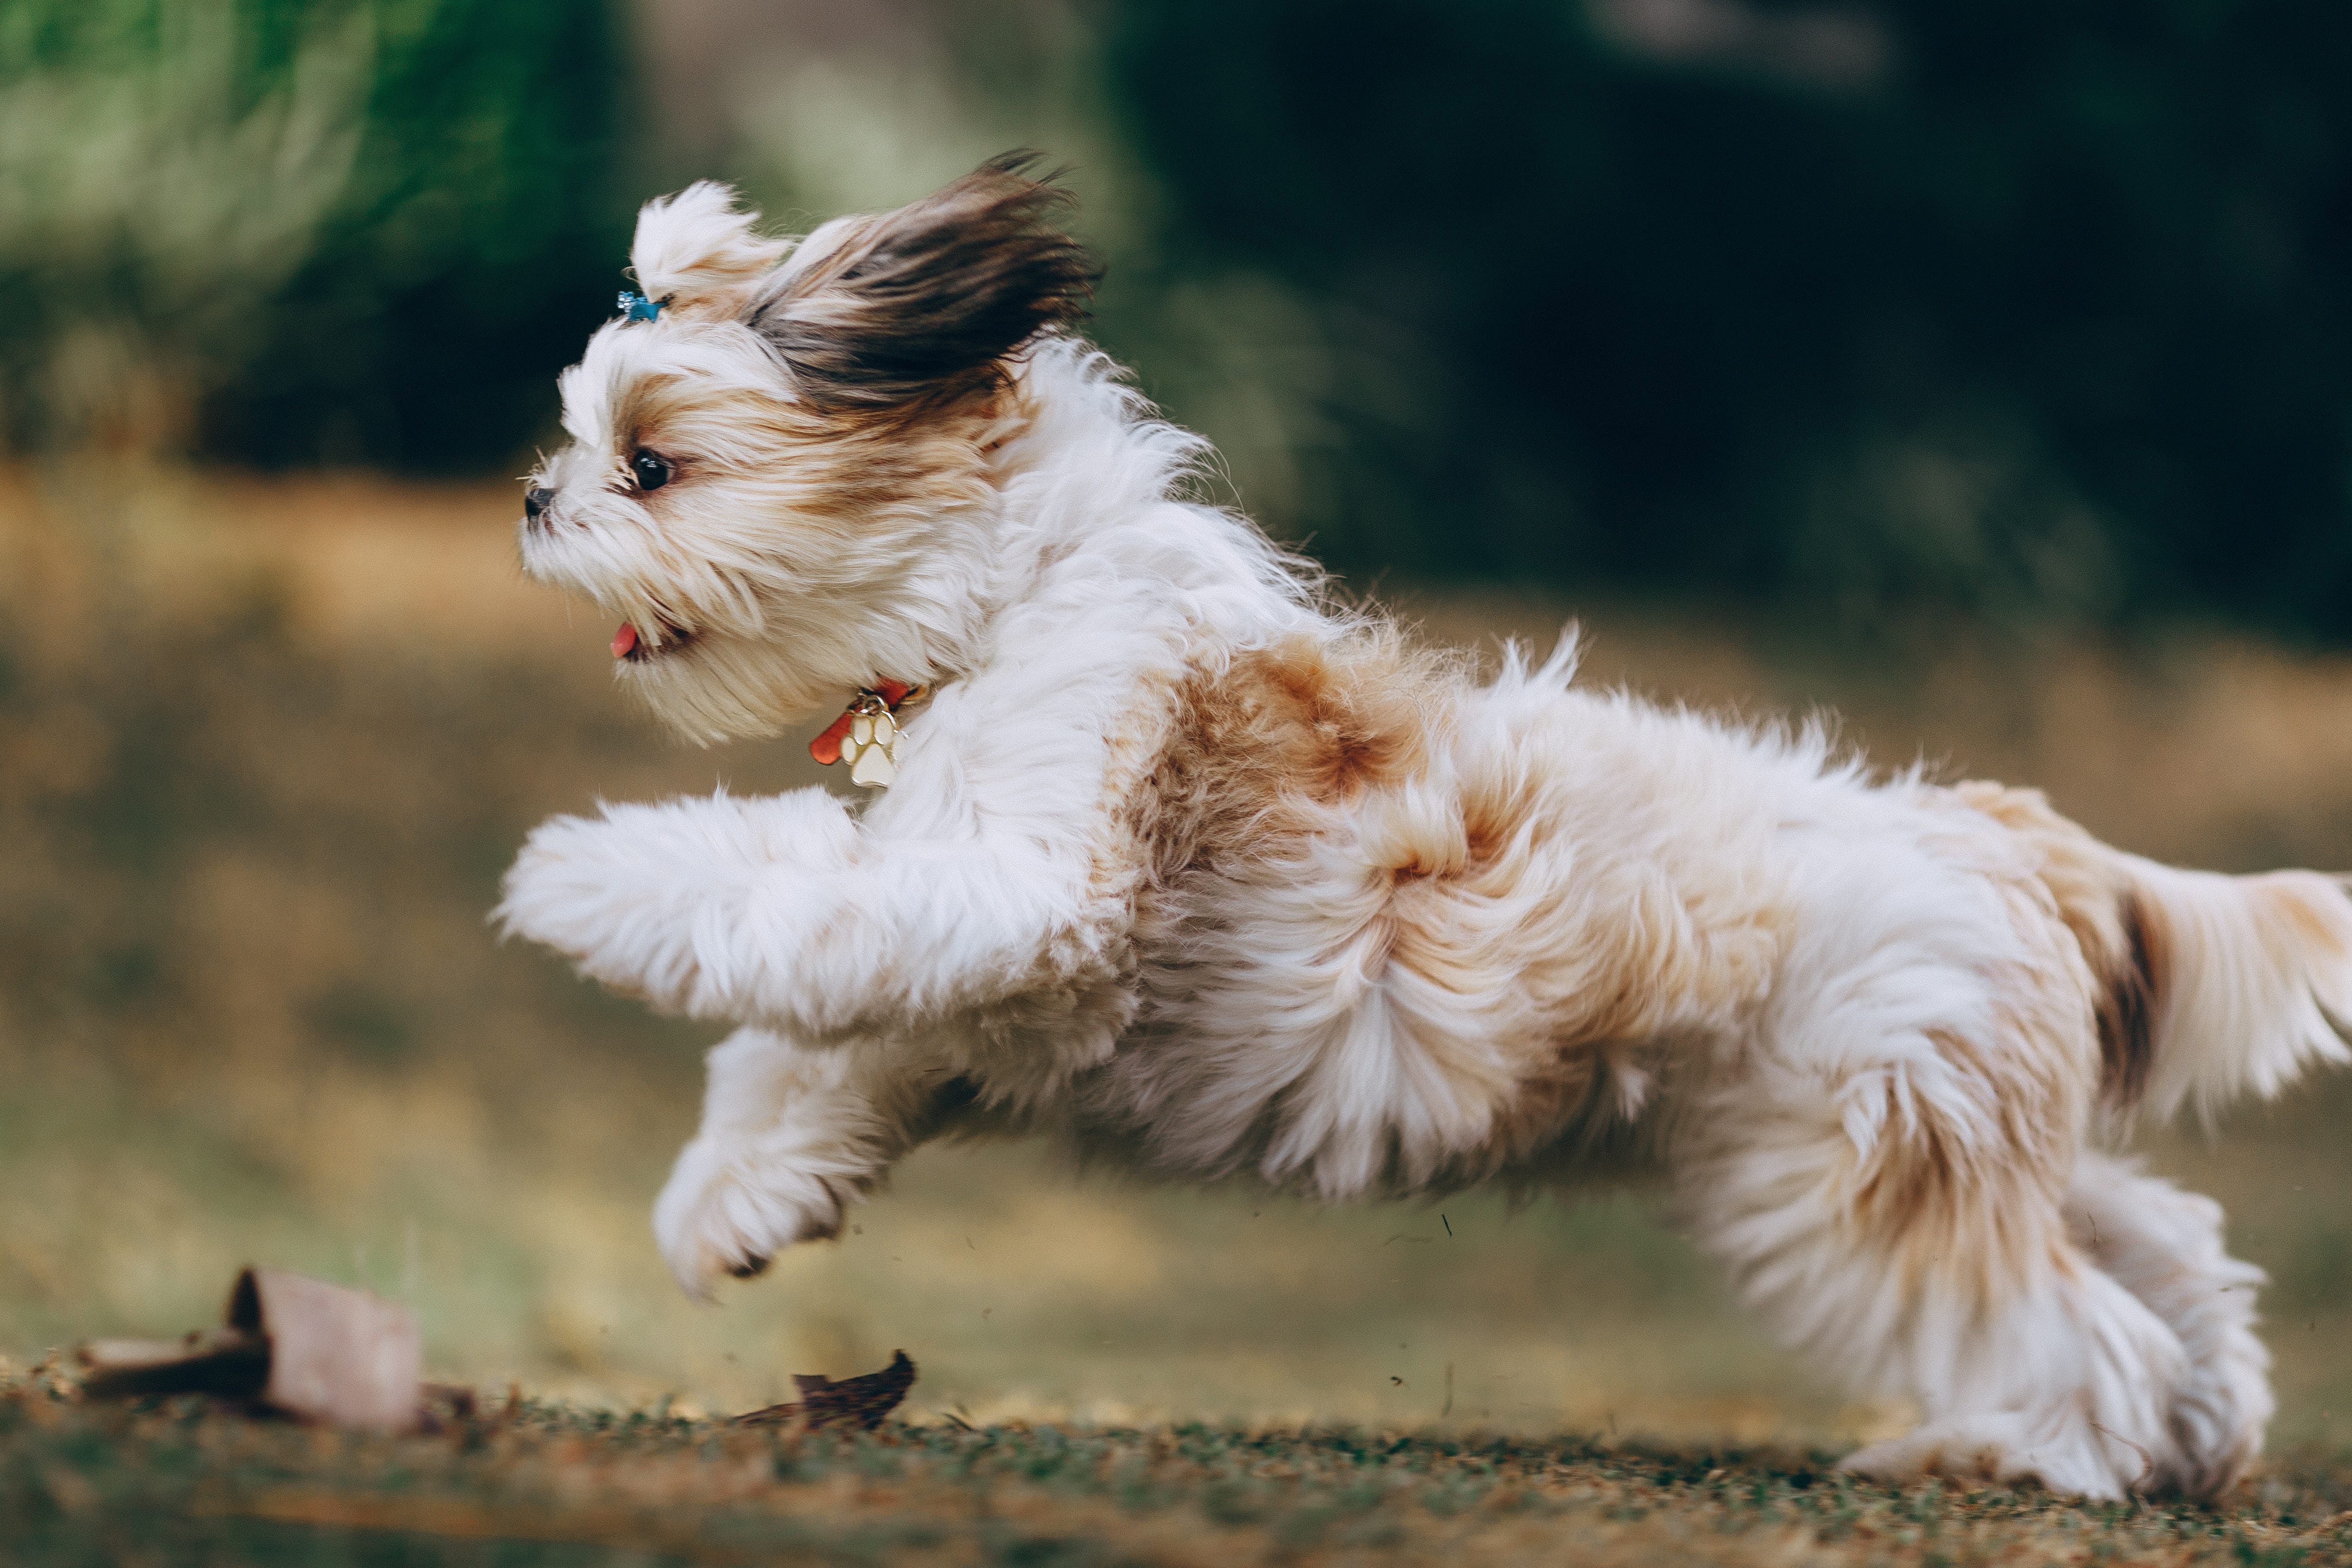 小型犬往往想透過跳躍接近飼主,卻忽略了他們脆弱的身體構造。